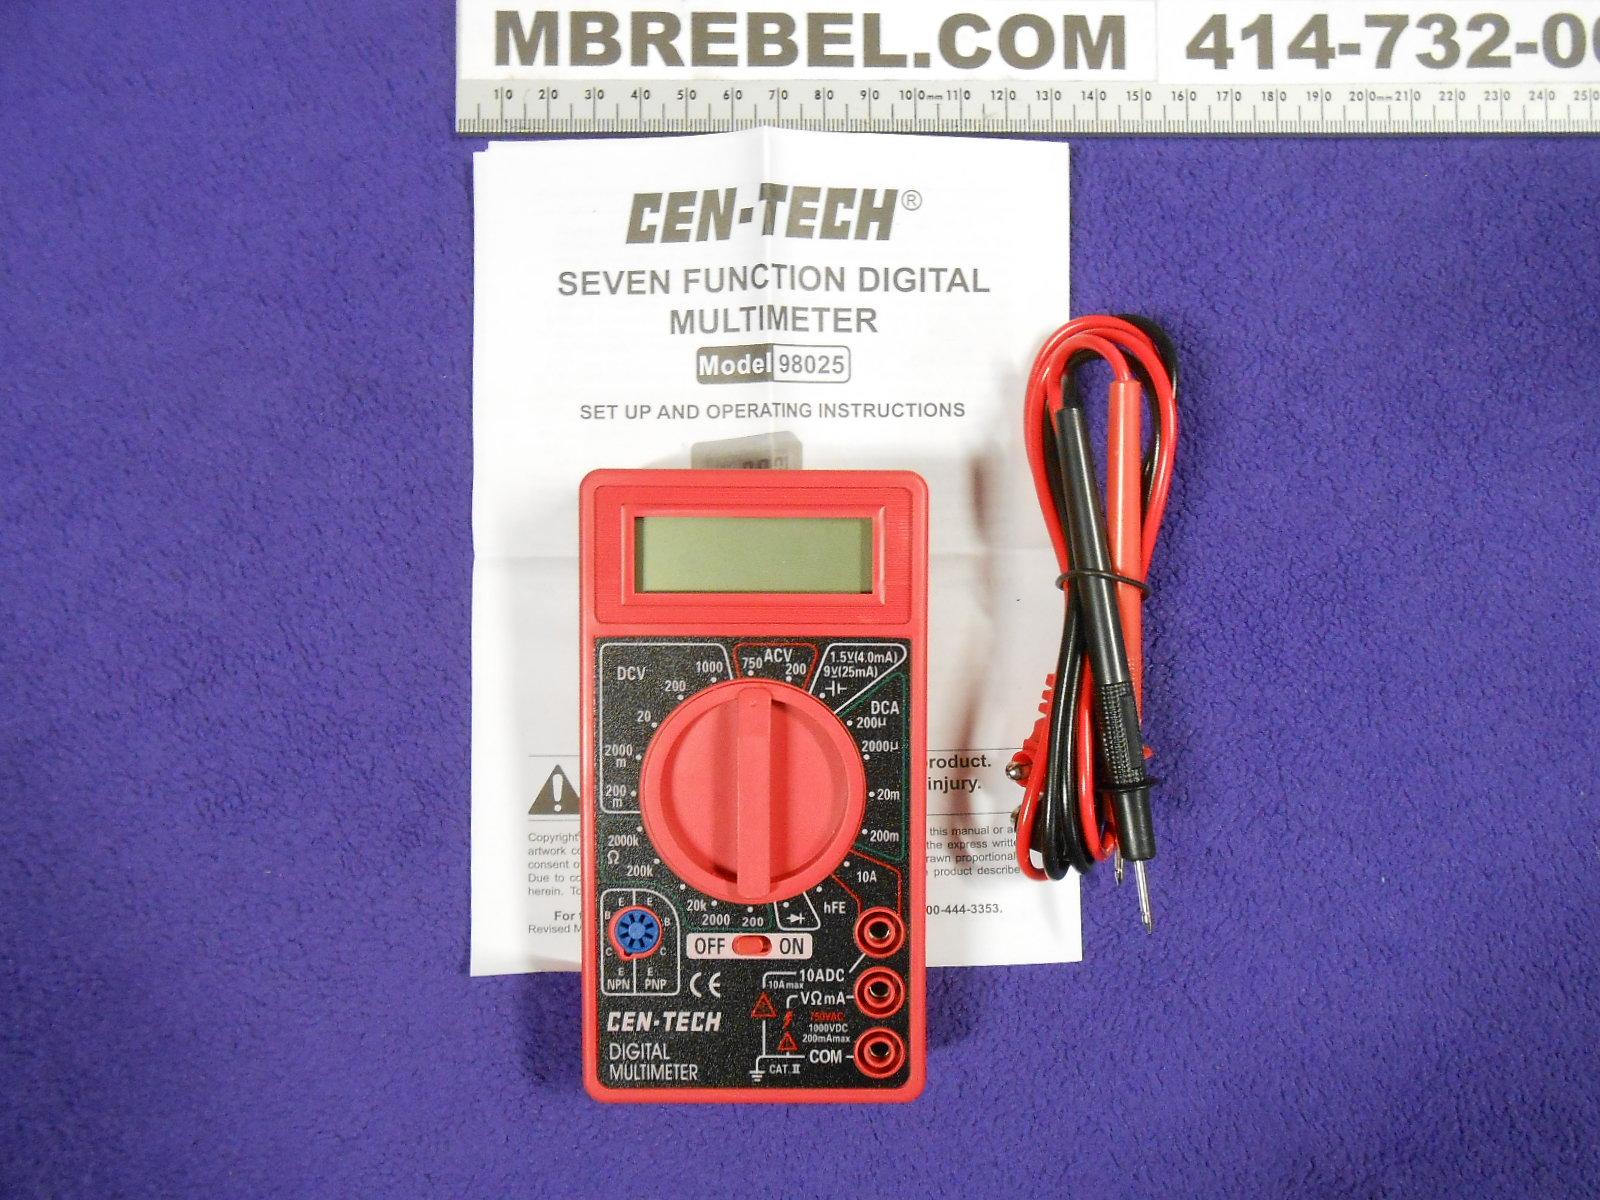 Cen tech Digital Multimeter 92020 Manual